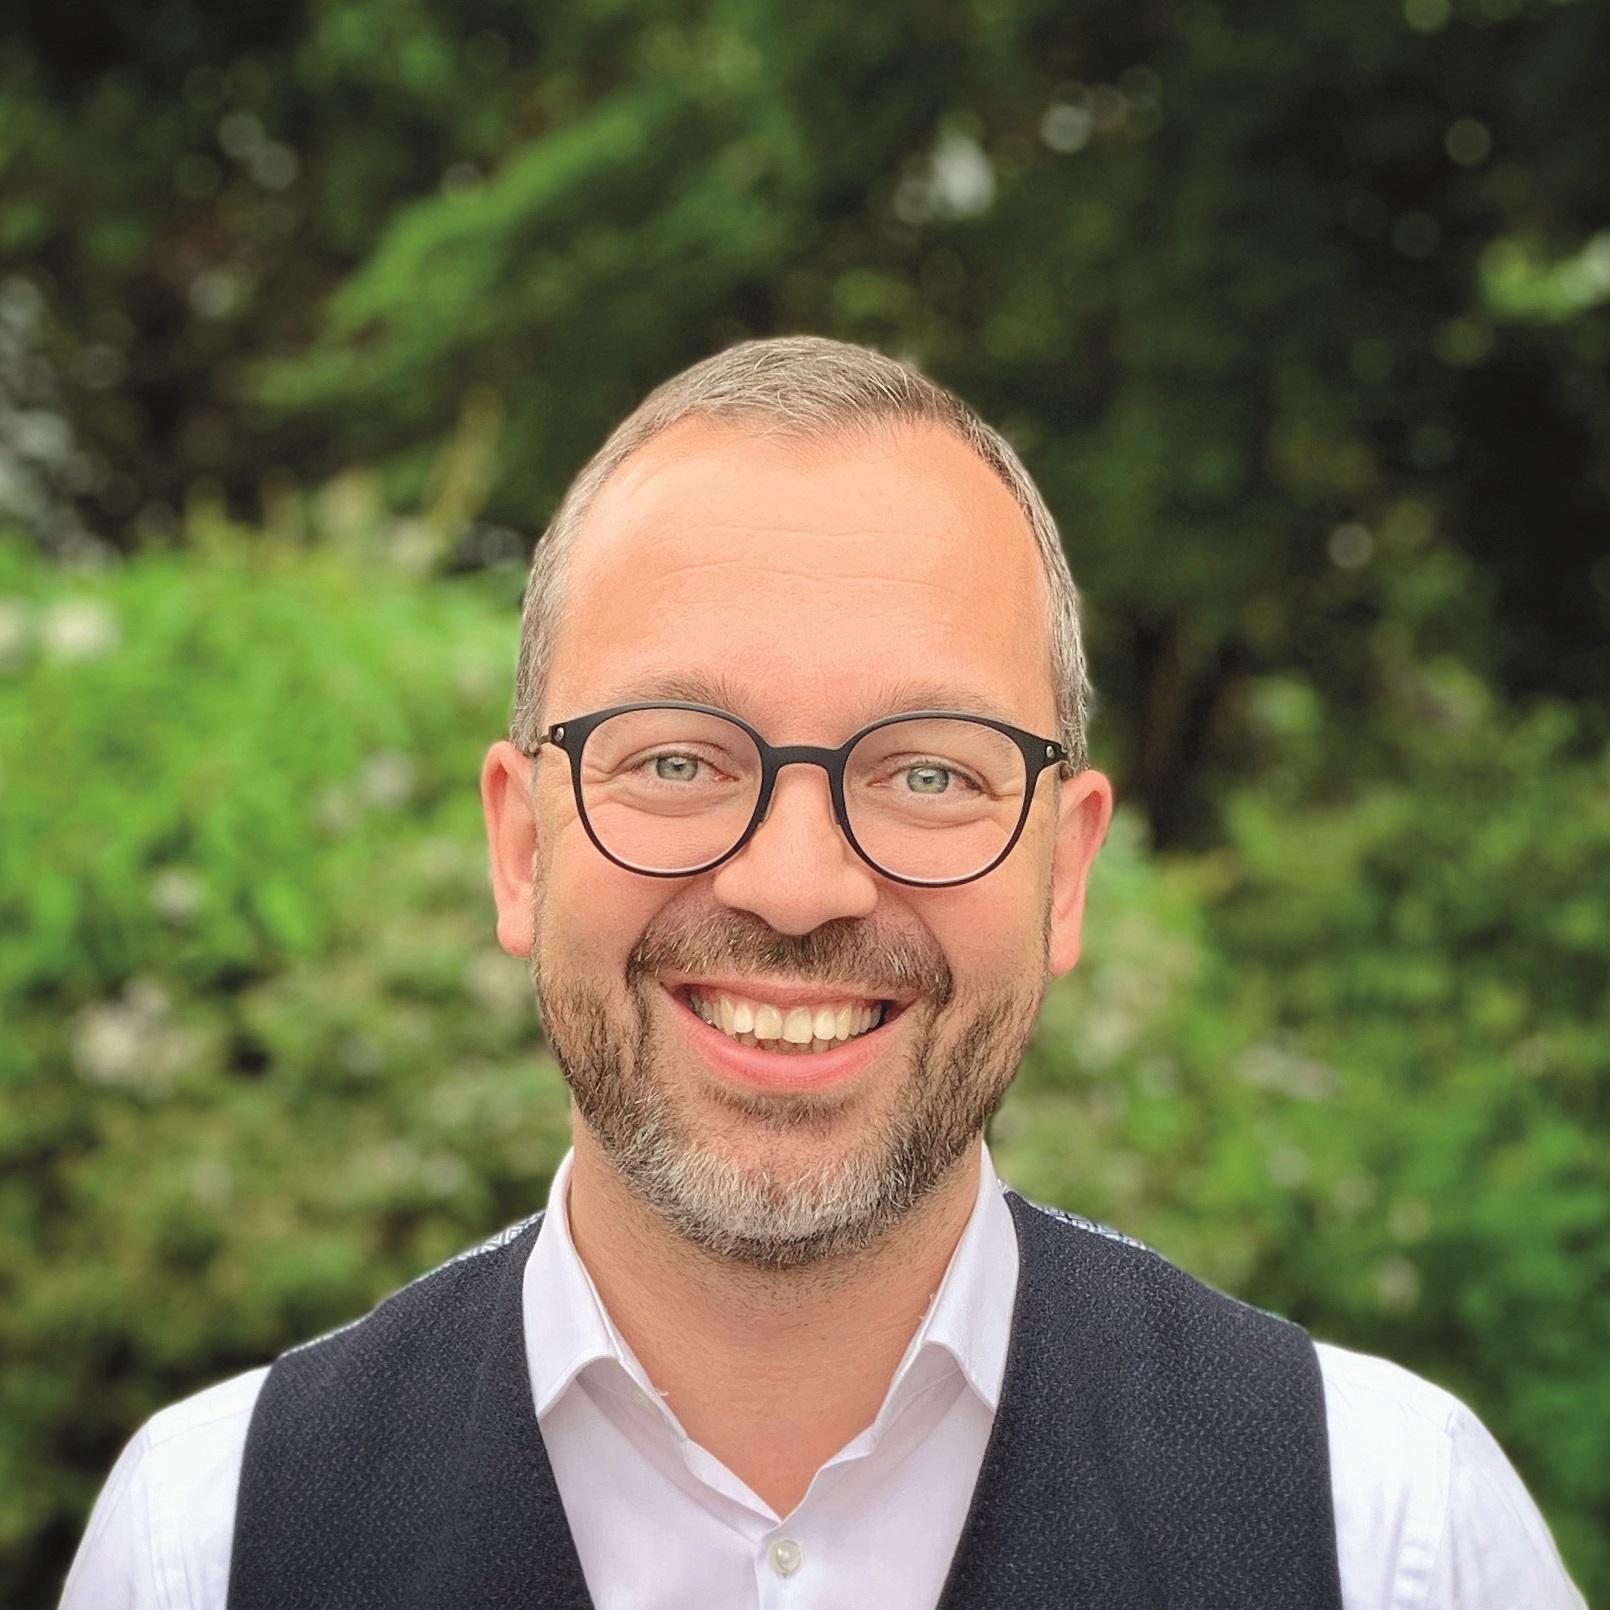 Timo Maschinger (Hanstedt)